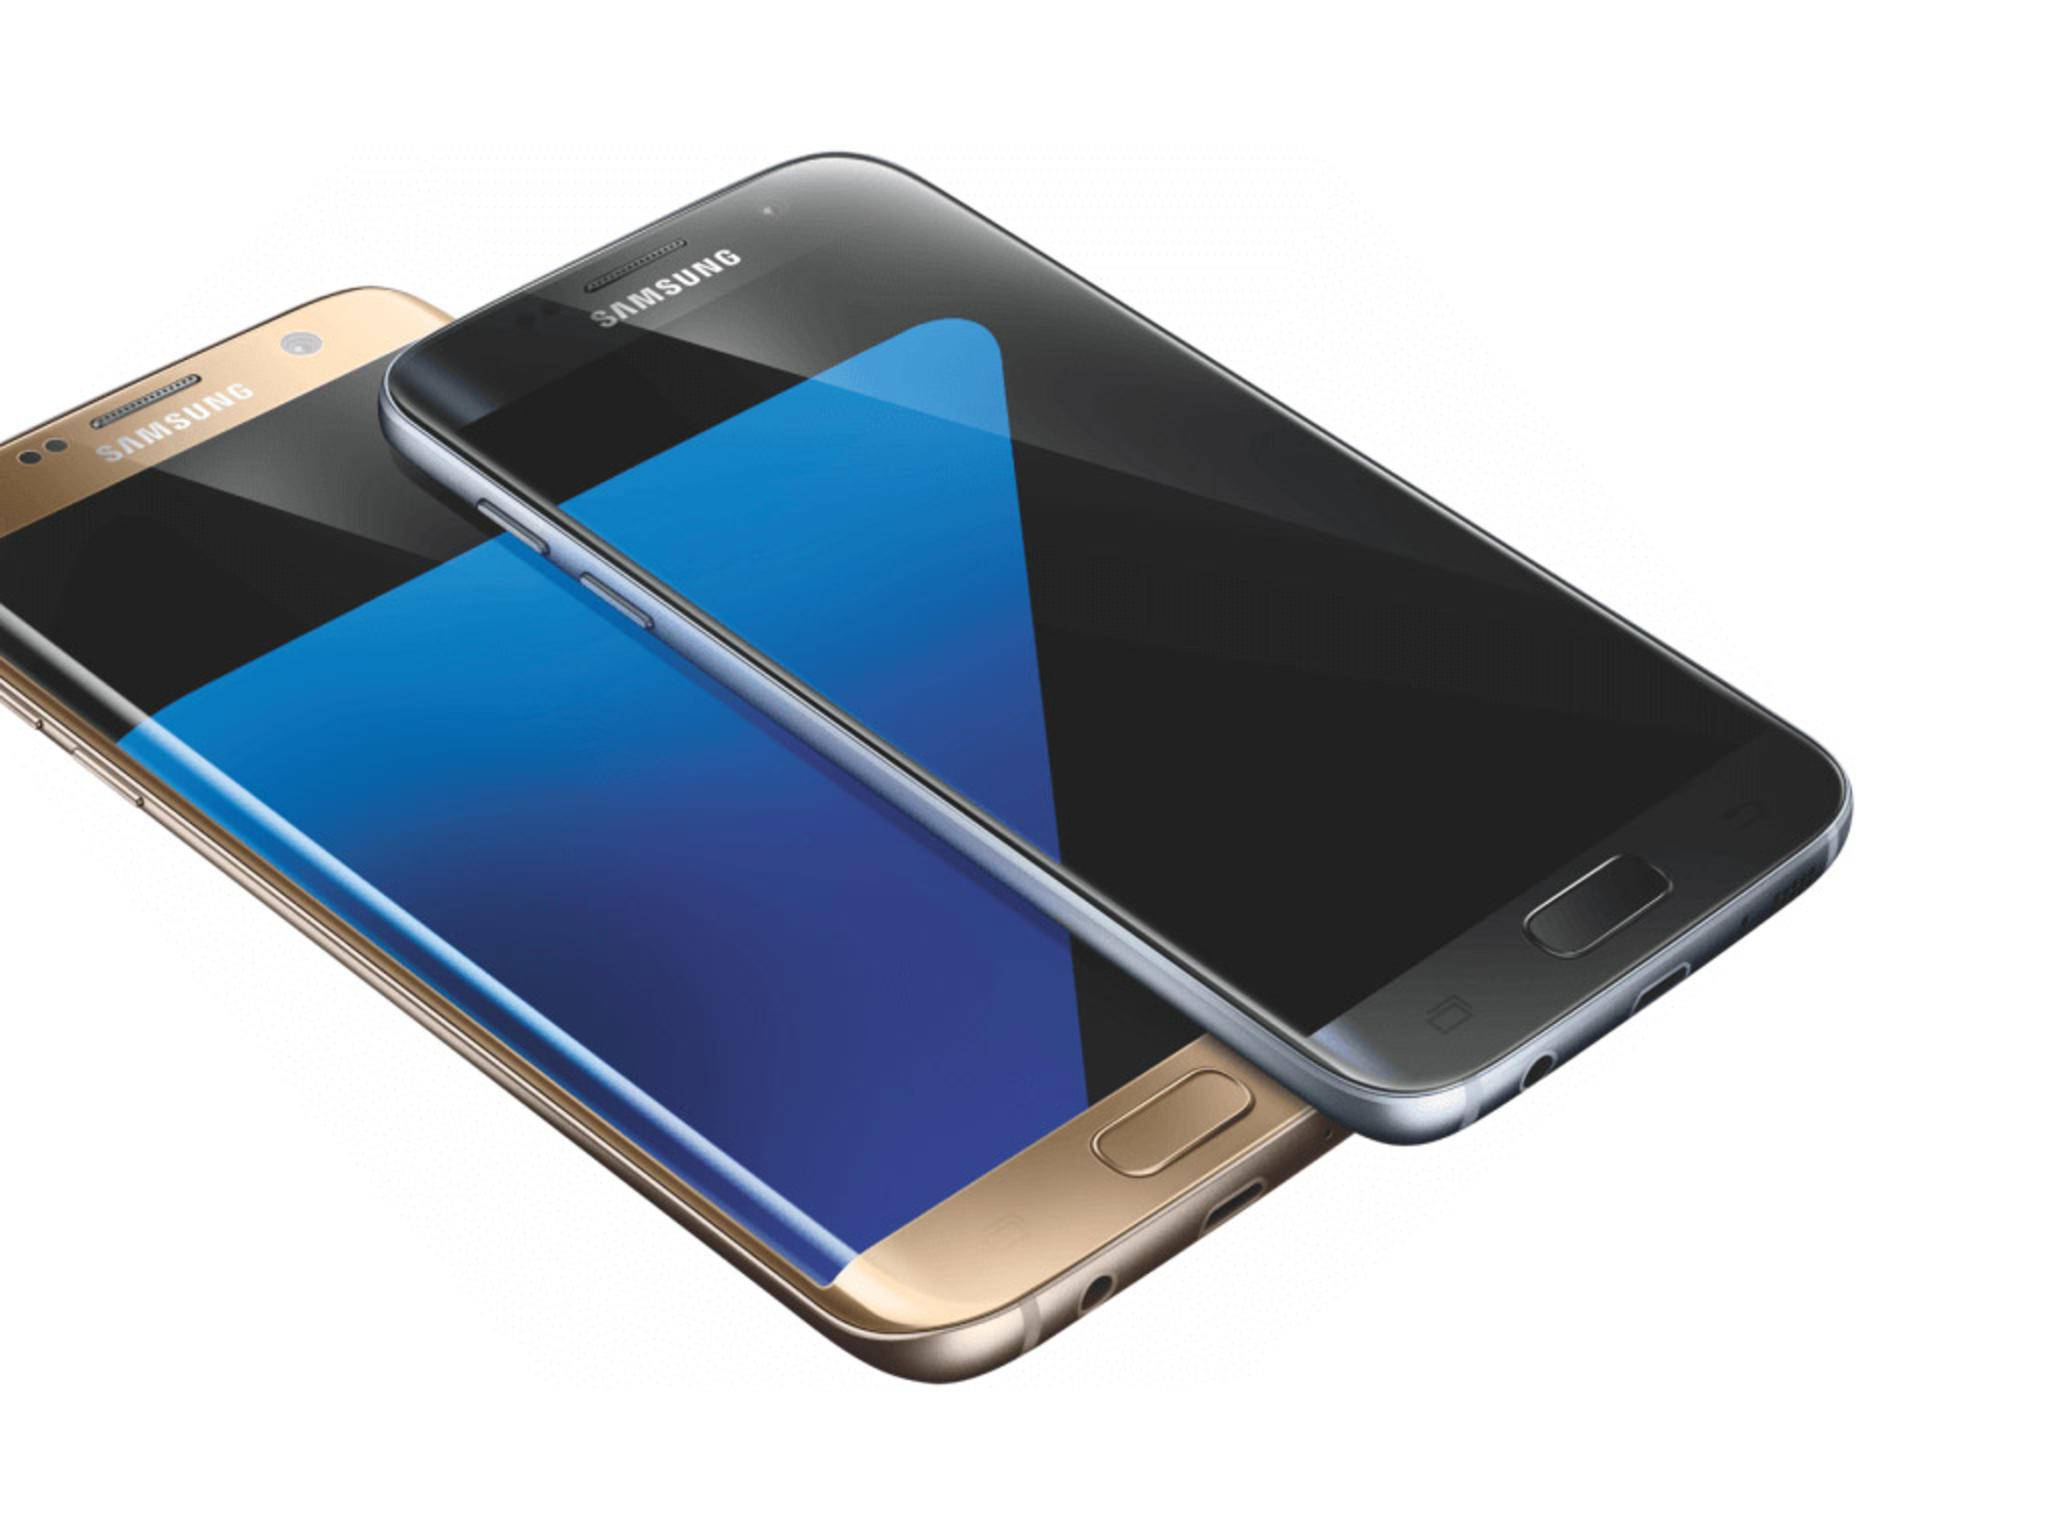 Wieder sind neue Bilder vom Galaxy S7 aufgetaucht.